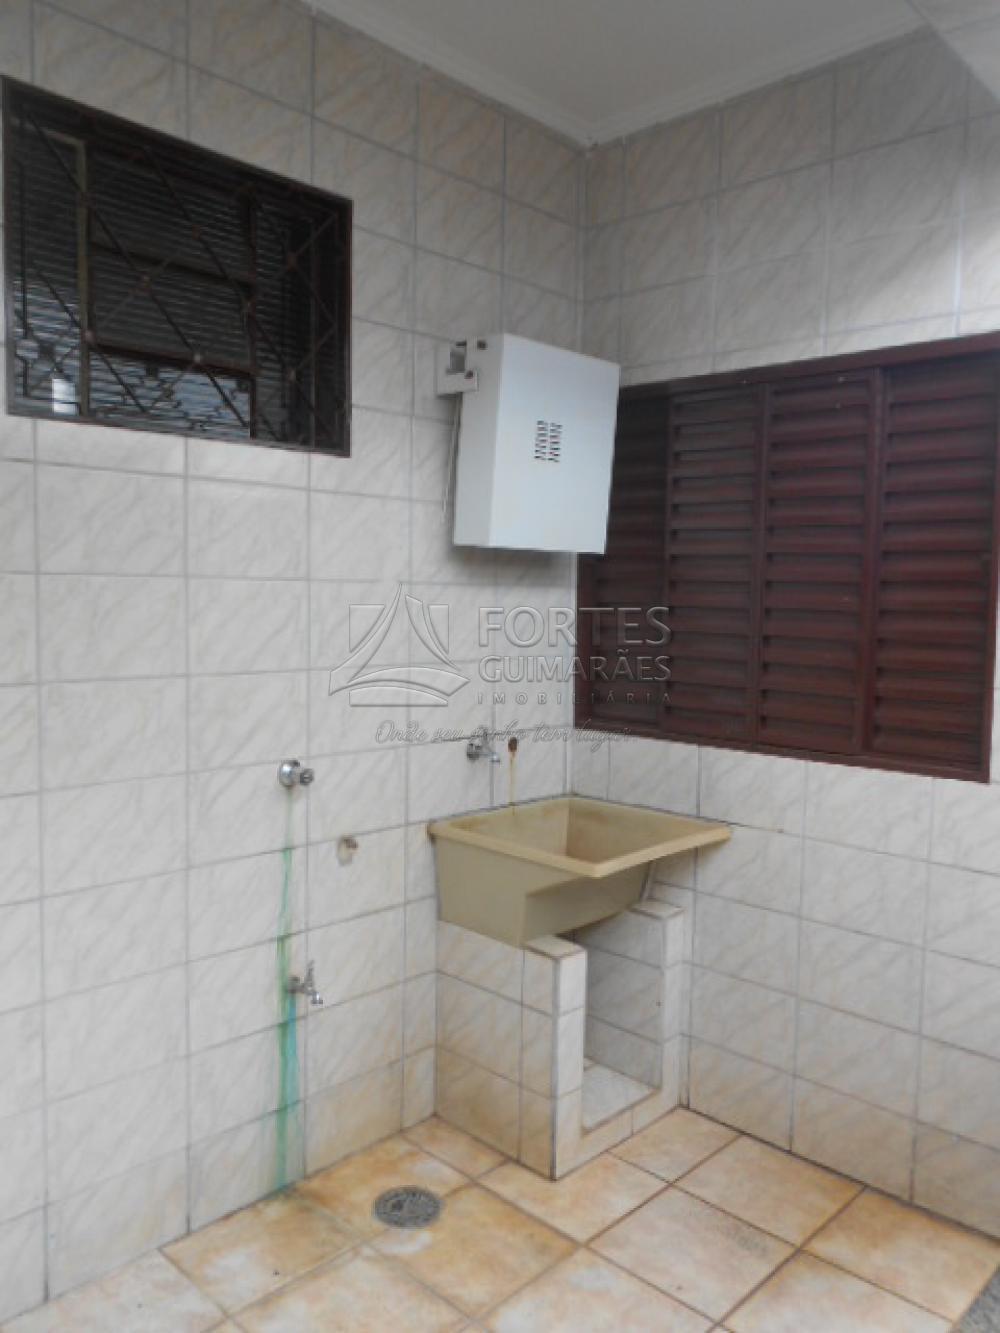 Alugar Casas / Padrão em Ribeirão Preto apenas R$ 950,00 - Foto 25